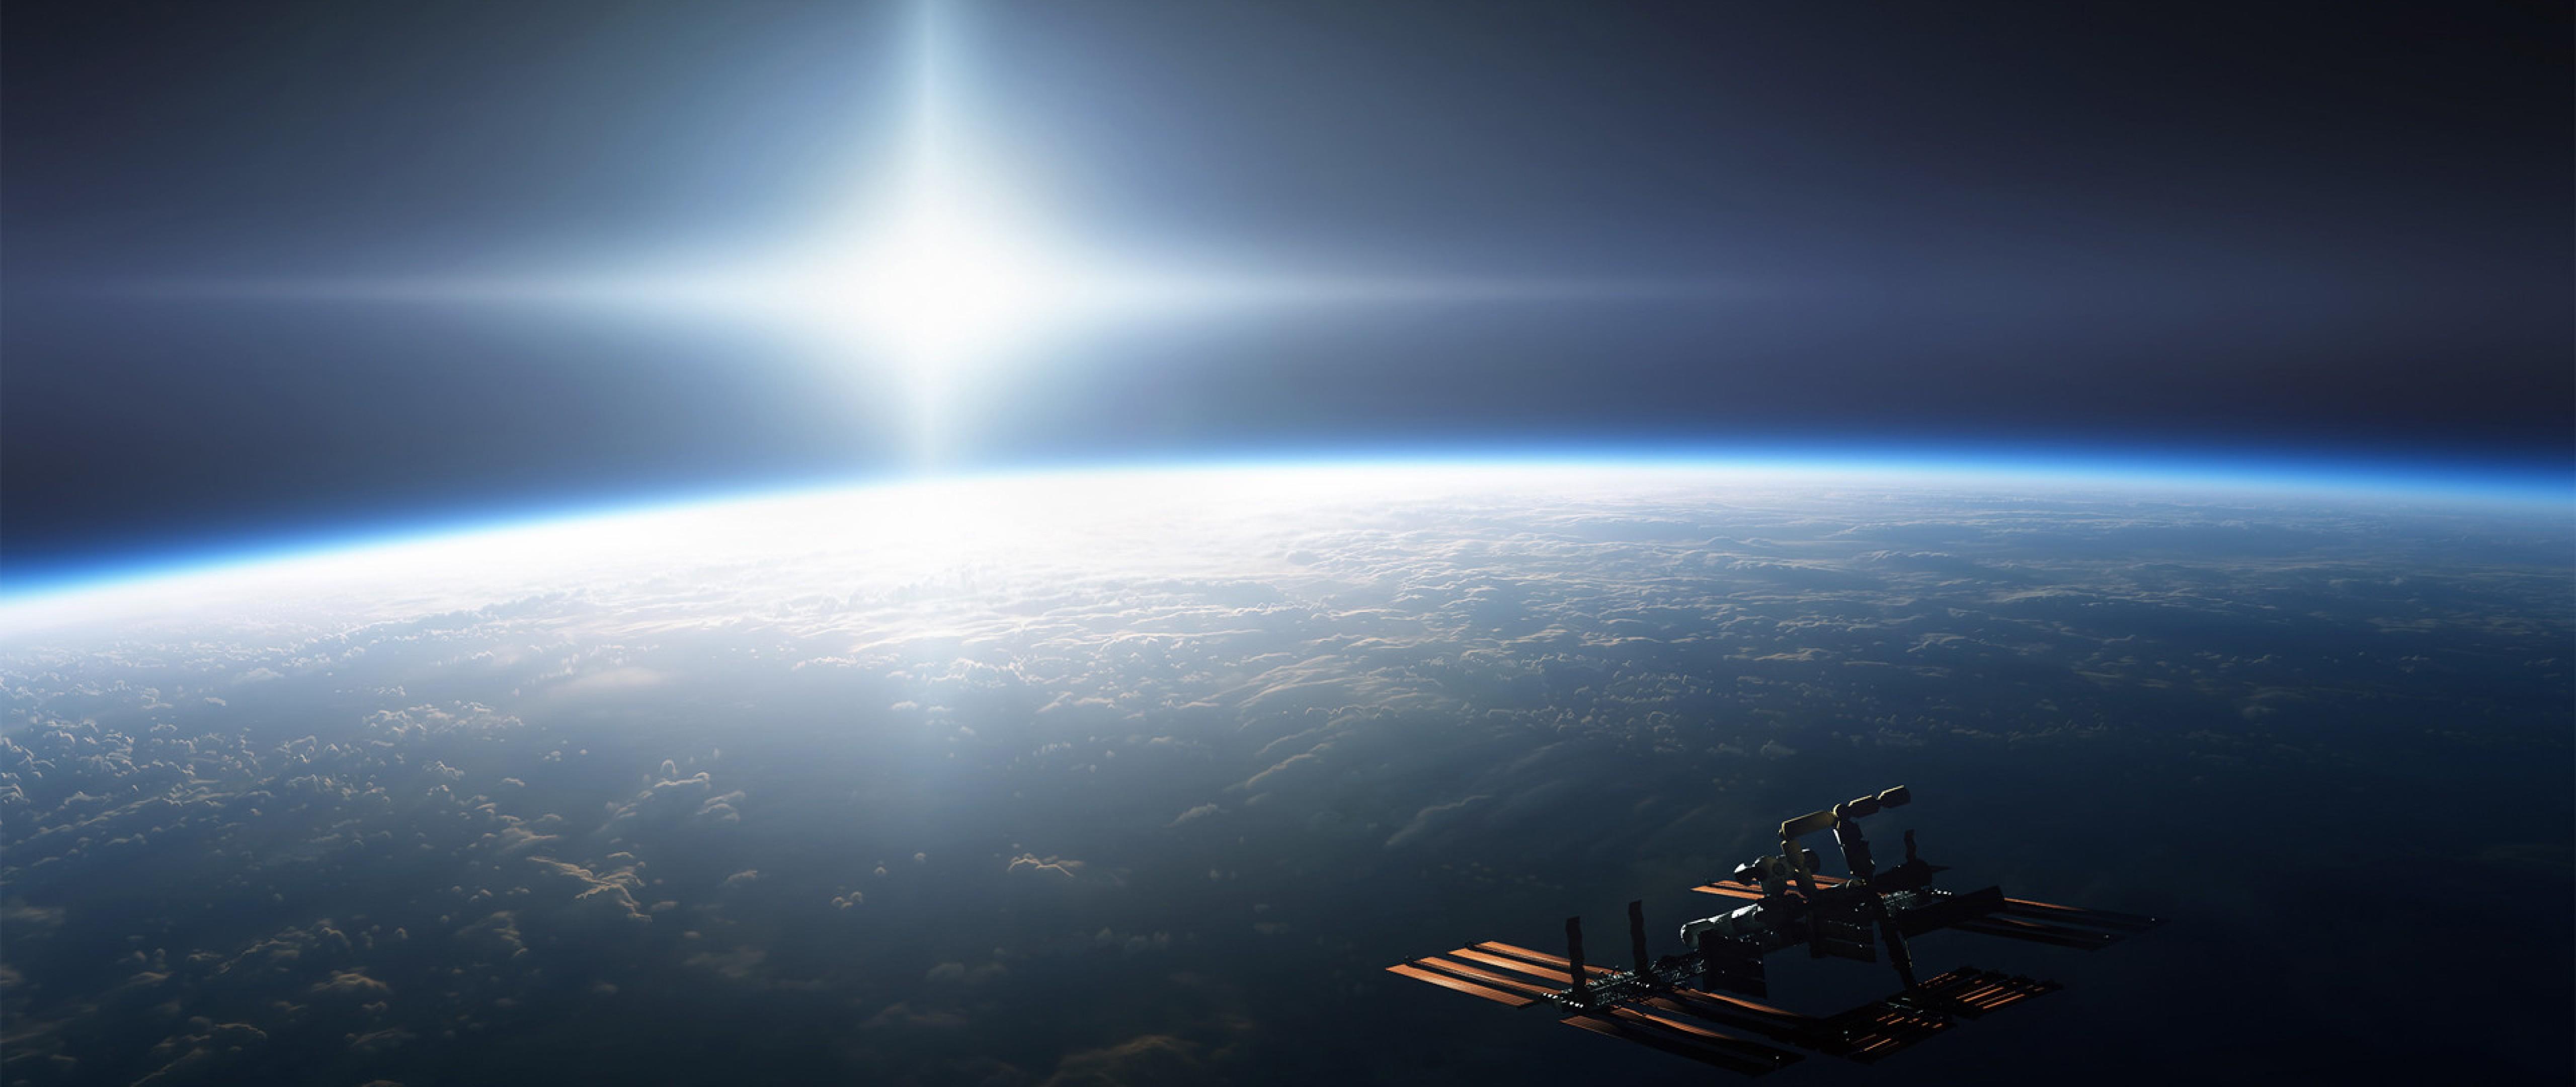 nasa satellite images - HD5120×2160